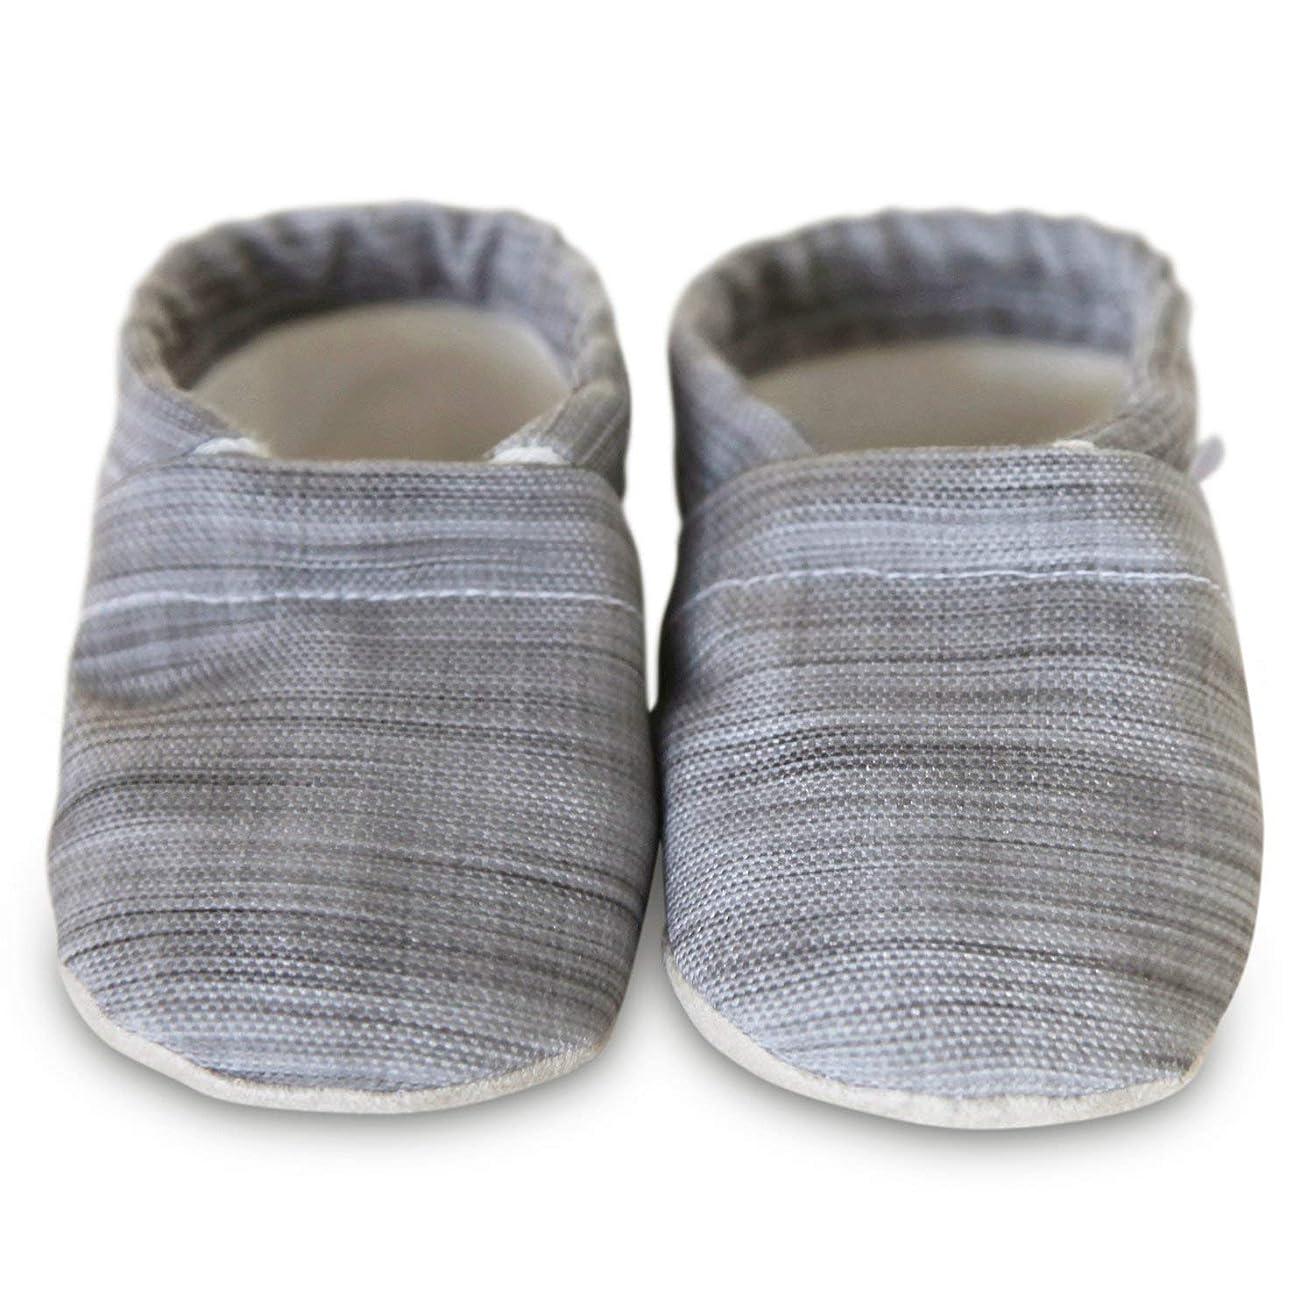 Organic soft soled baby shoes, LANDON